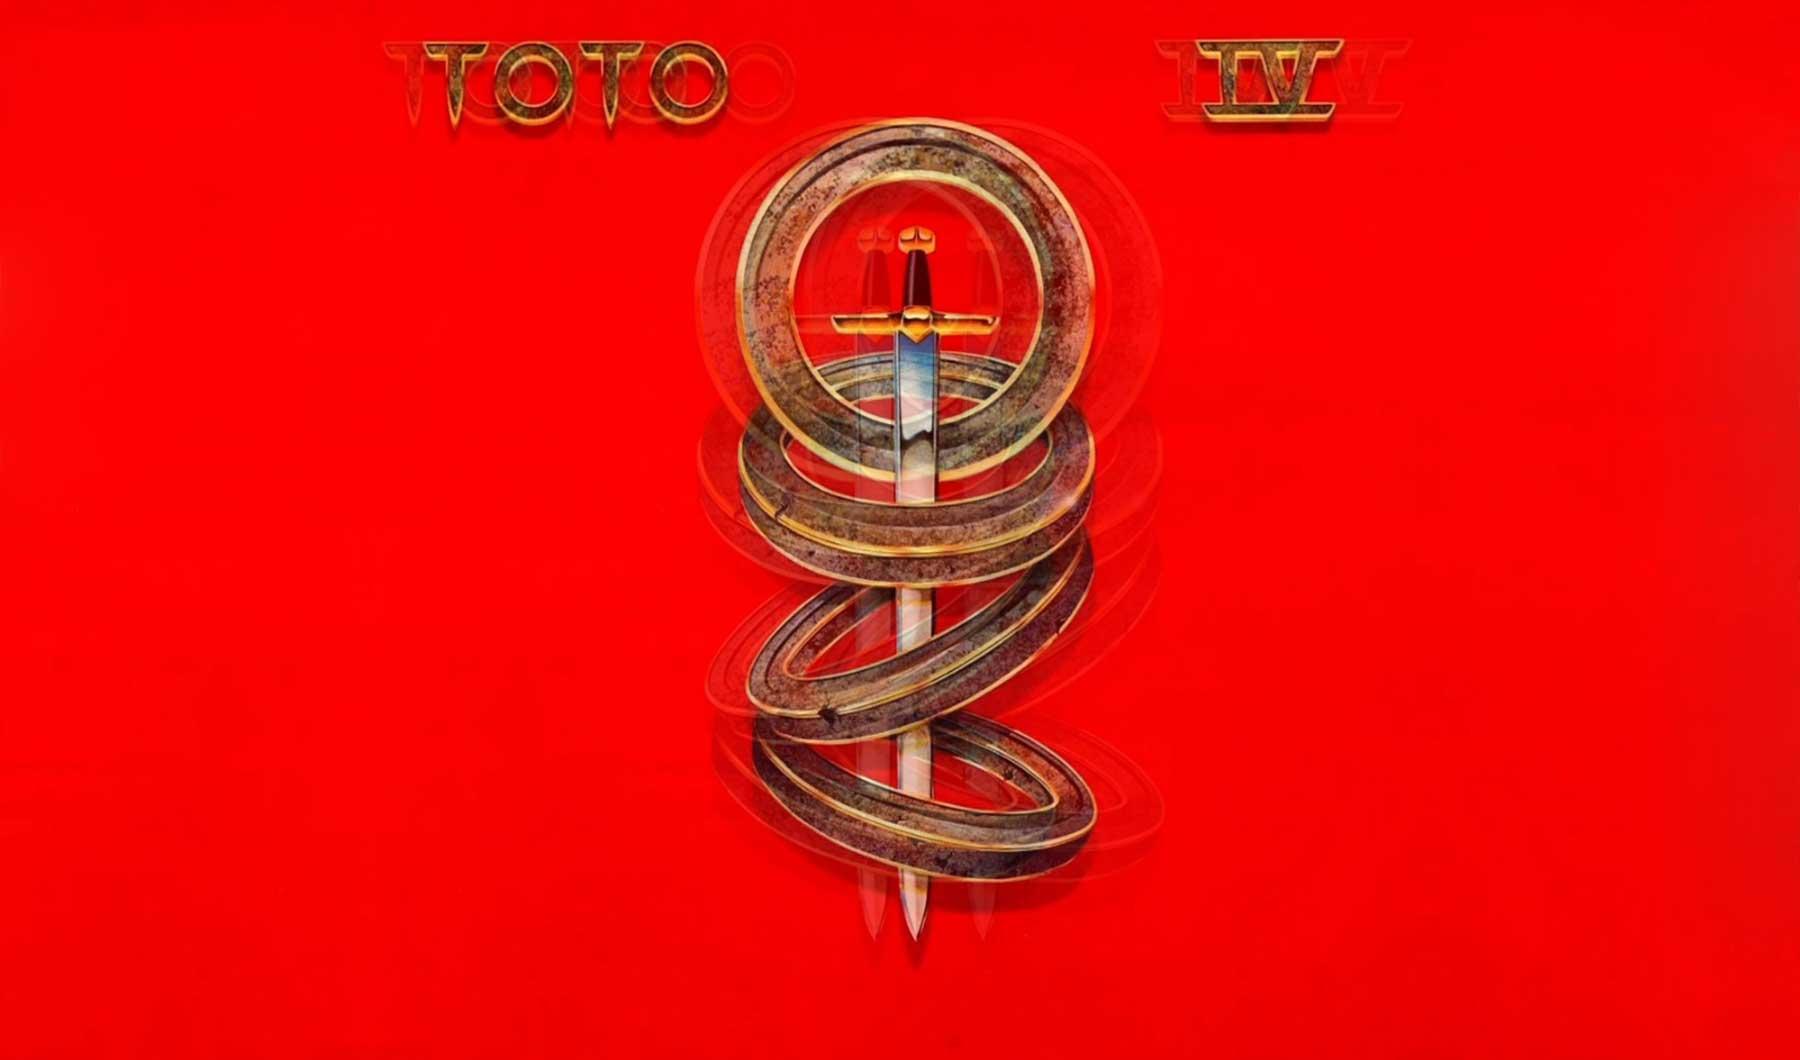 """Totos """"Africa"""" eine Note und einen Moment vorbei gesungen"""